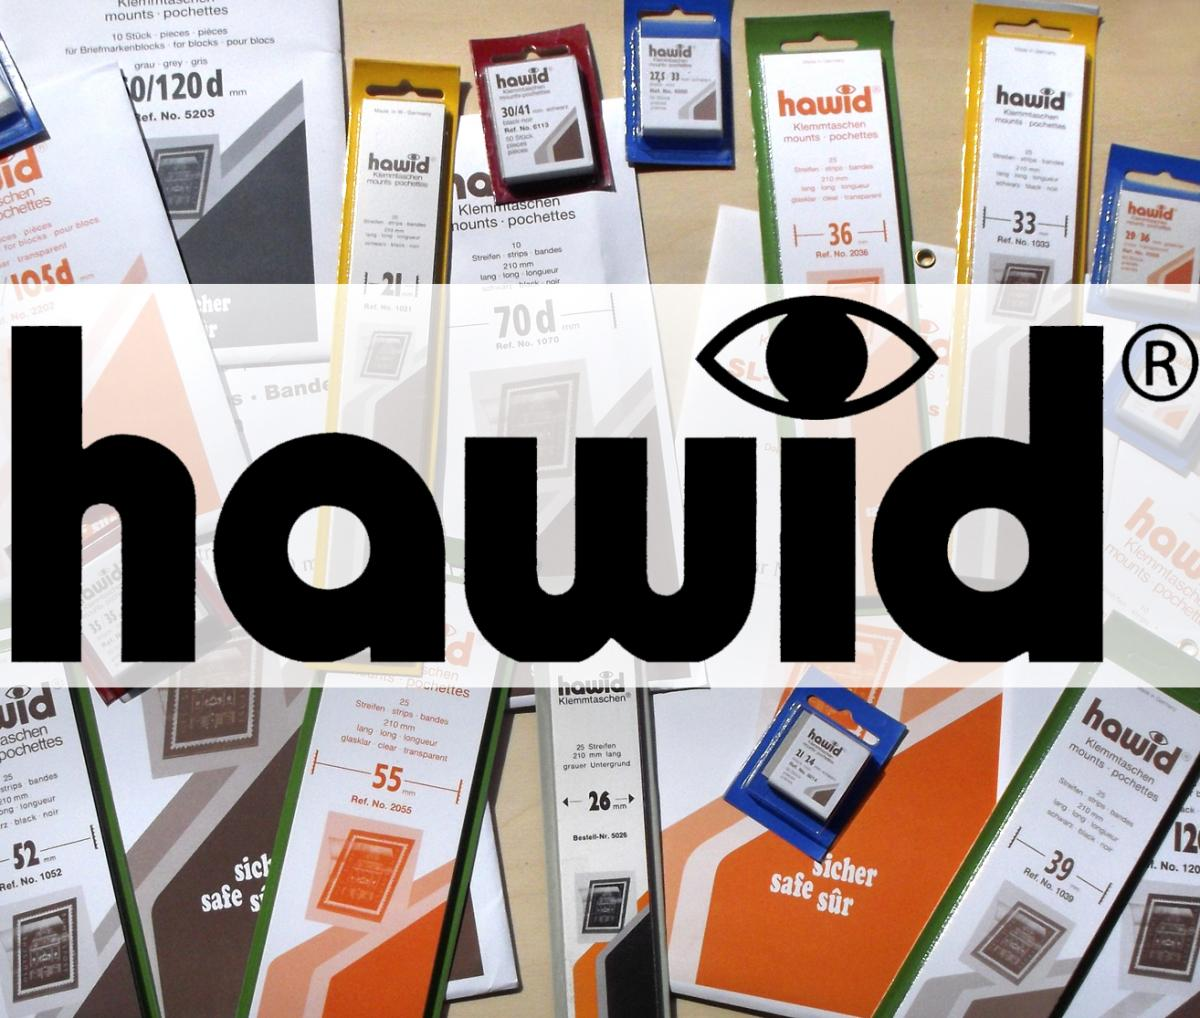 HAWID SL-Streifen 265x90 mm, glasklar, 10 Stück, d* 0